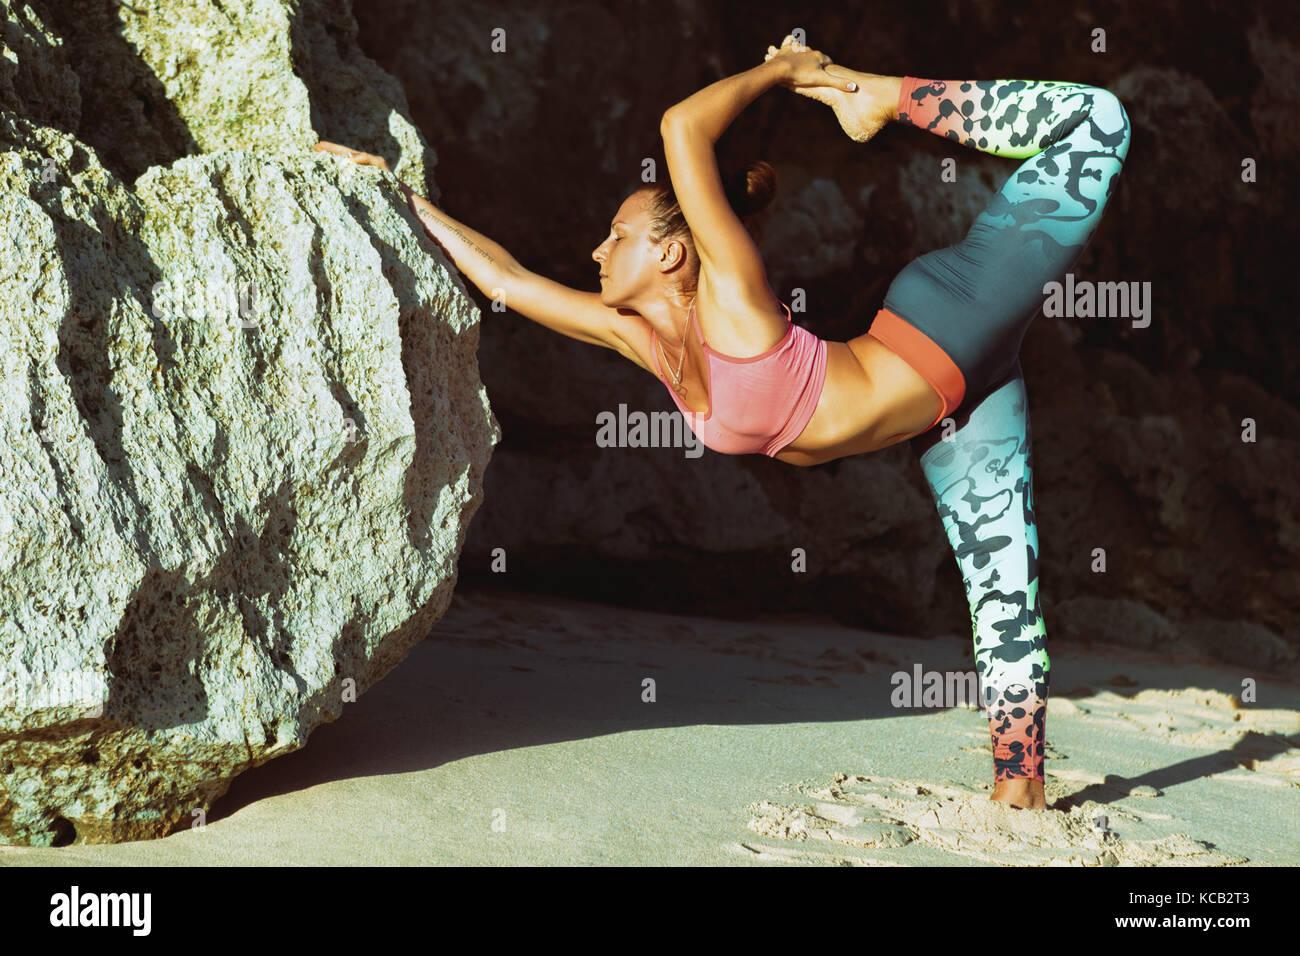 Meditación sobre la roca de fondo. joven mujer activa de pie en pose de yoga en la playa rock, estiramiento Imagen De Stock